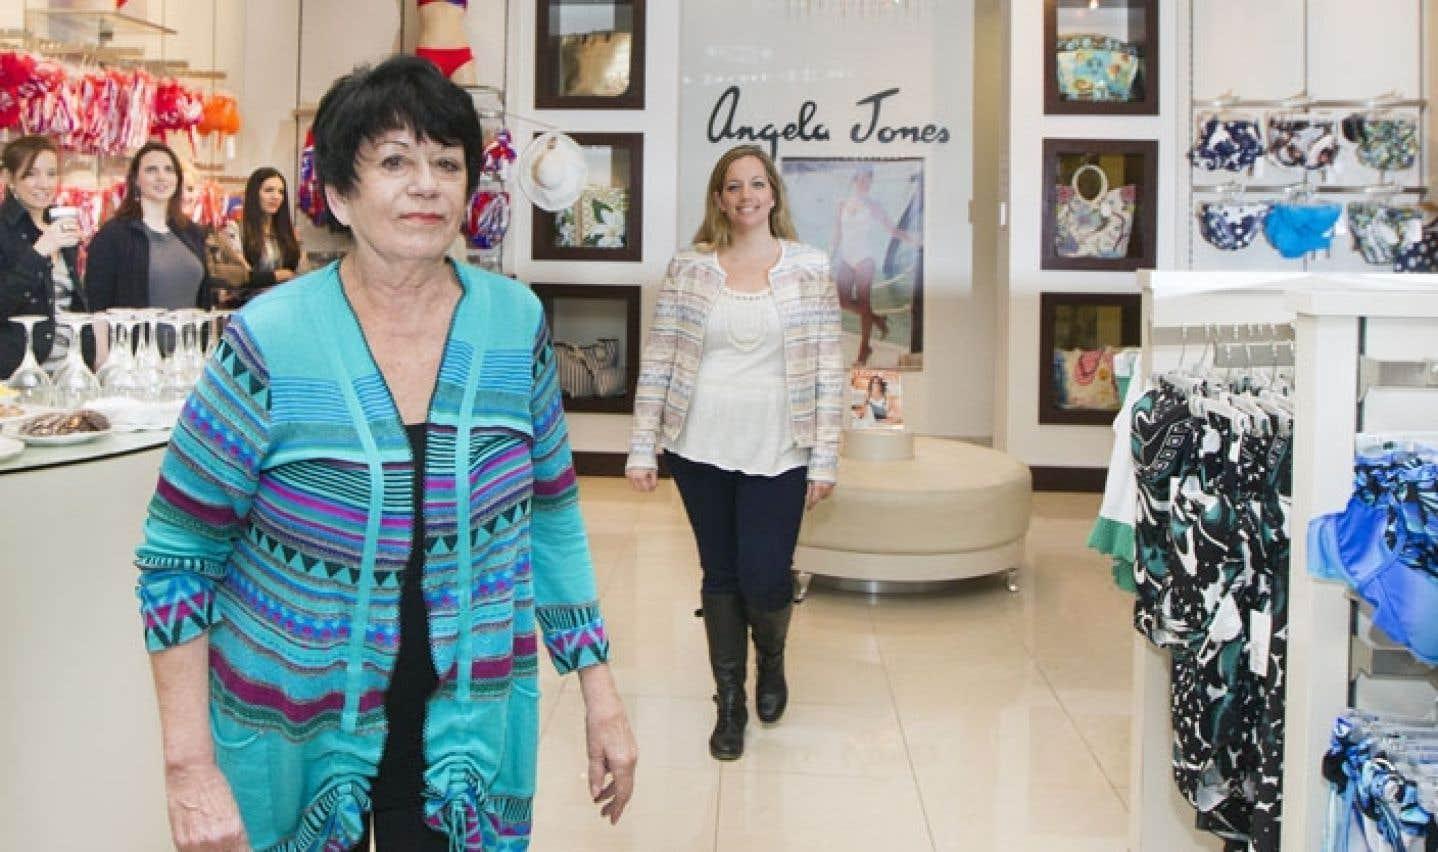 La designer Angela Jones et sa fille Mélissa Jones, qui s'occupe du marketing dans l'entreprise de sa mère, aiment développer de bonnes relations avec leurs clientes et les fidéliser.